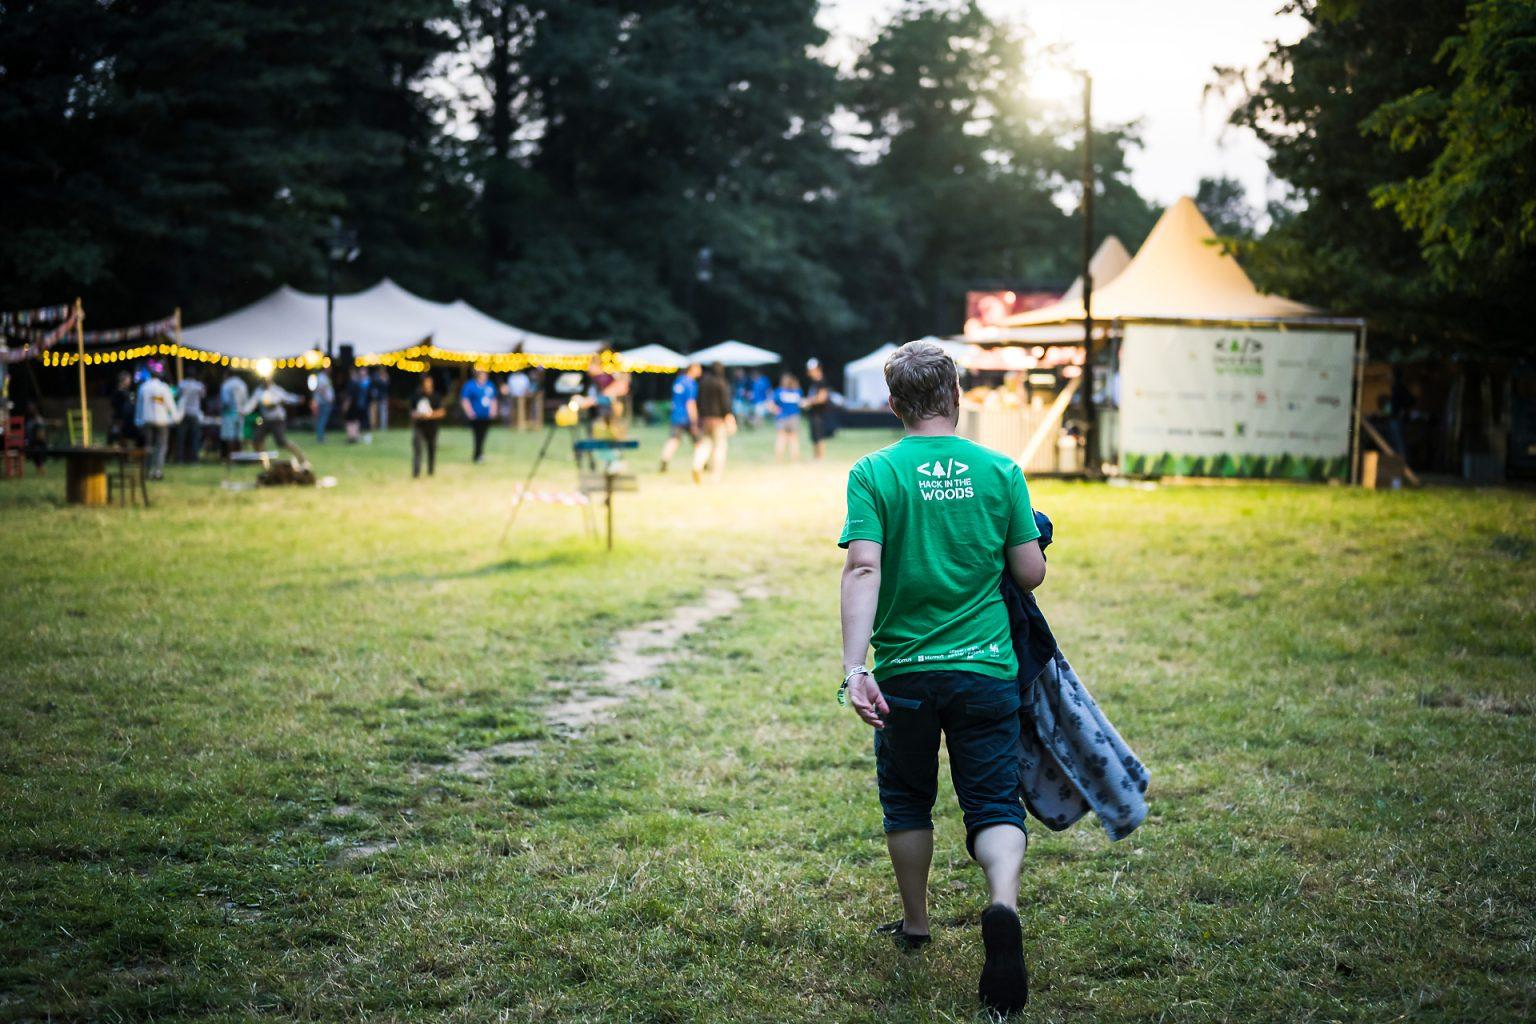 Vue de l'entrée au festival Hack in the Woods 2019 de nuit par Aurore Delsoir photographe corporate